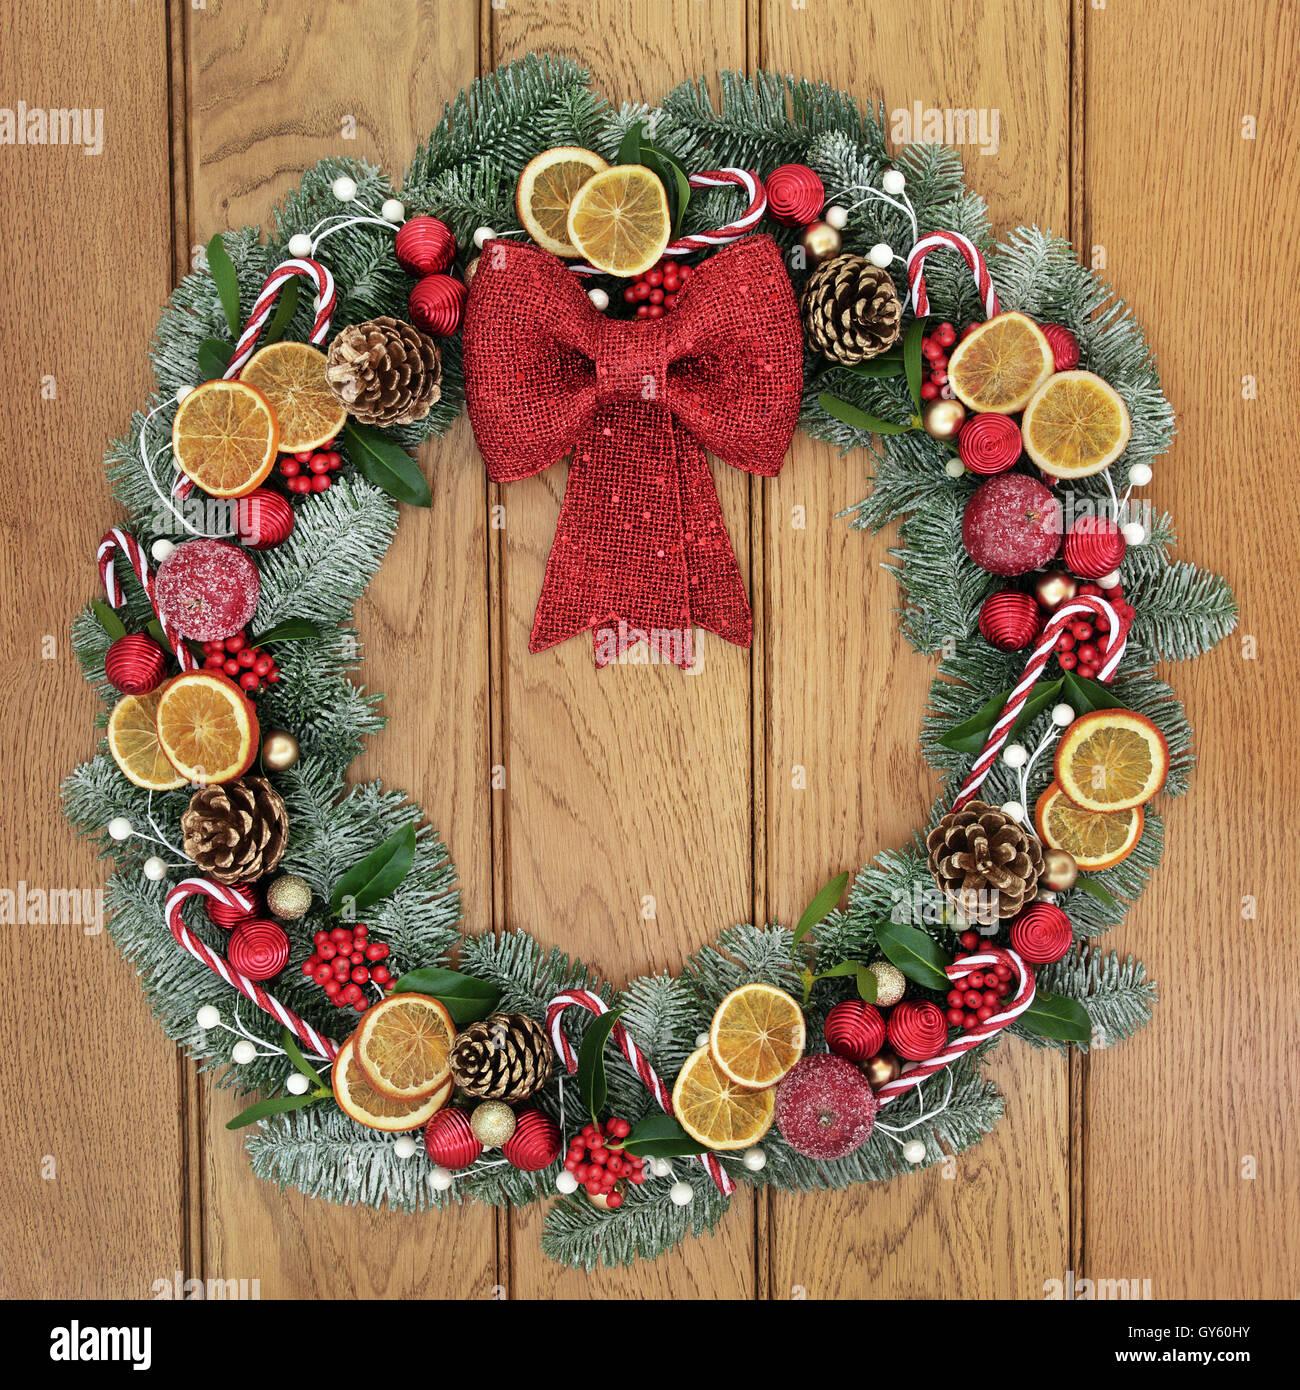 adventskranz mit roter schleife dekoration getrocknete fr chte zuckerstangen kugeln. Black Bedroom Furniture Sets. Home Design Ideas